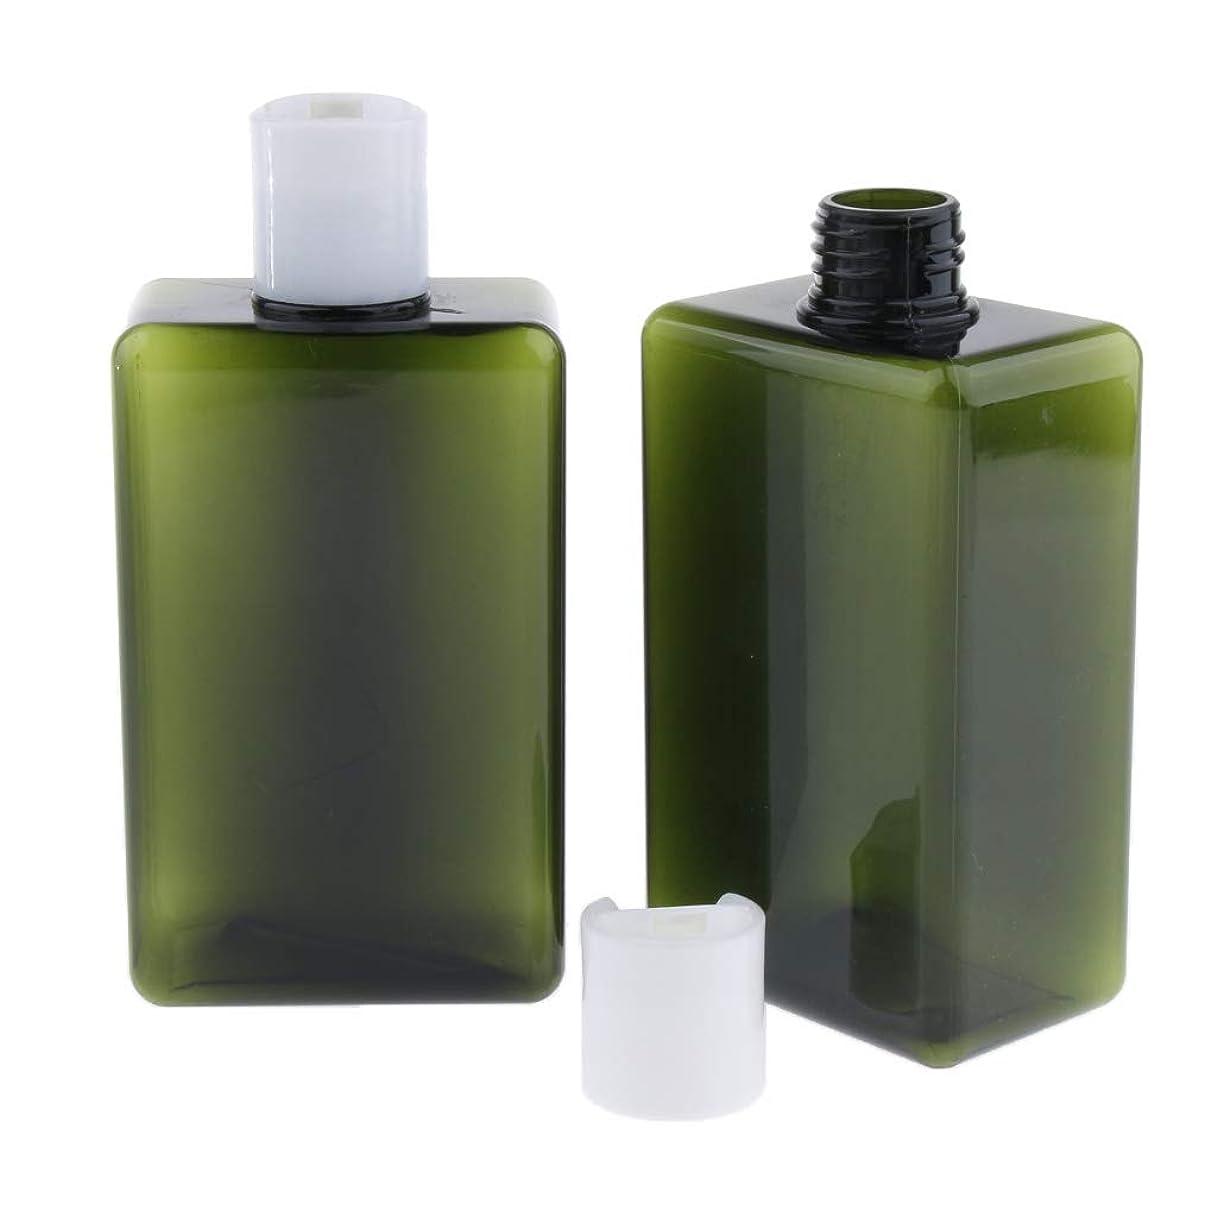 郡五十一部D DOLITY 2個 シャンプーボトル 乳液びん シャワージェル 小分け 詰め替え 300ミリ 化粧品容器 バス ホテル 旅行 - 緑